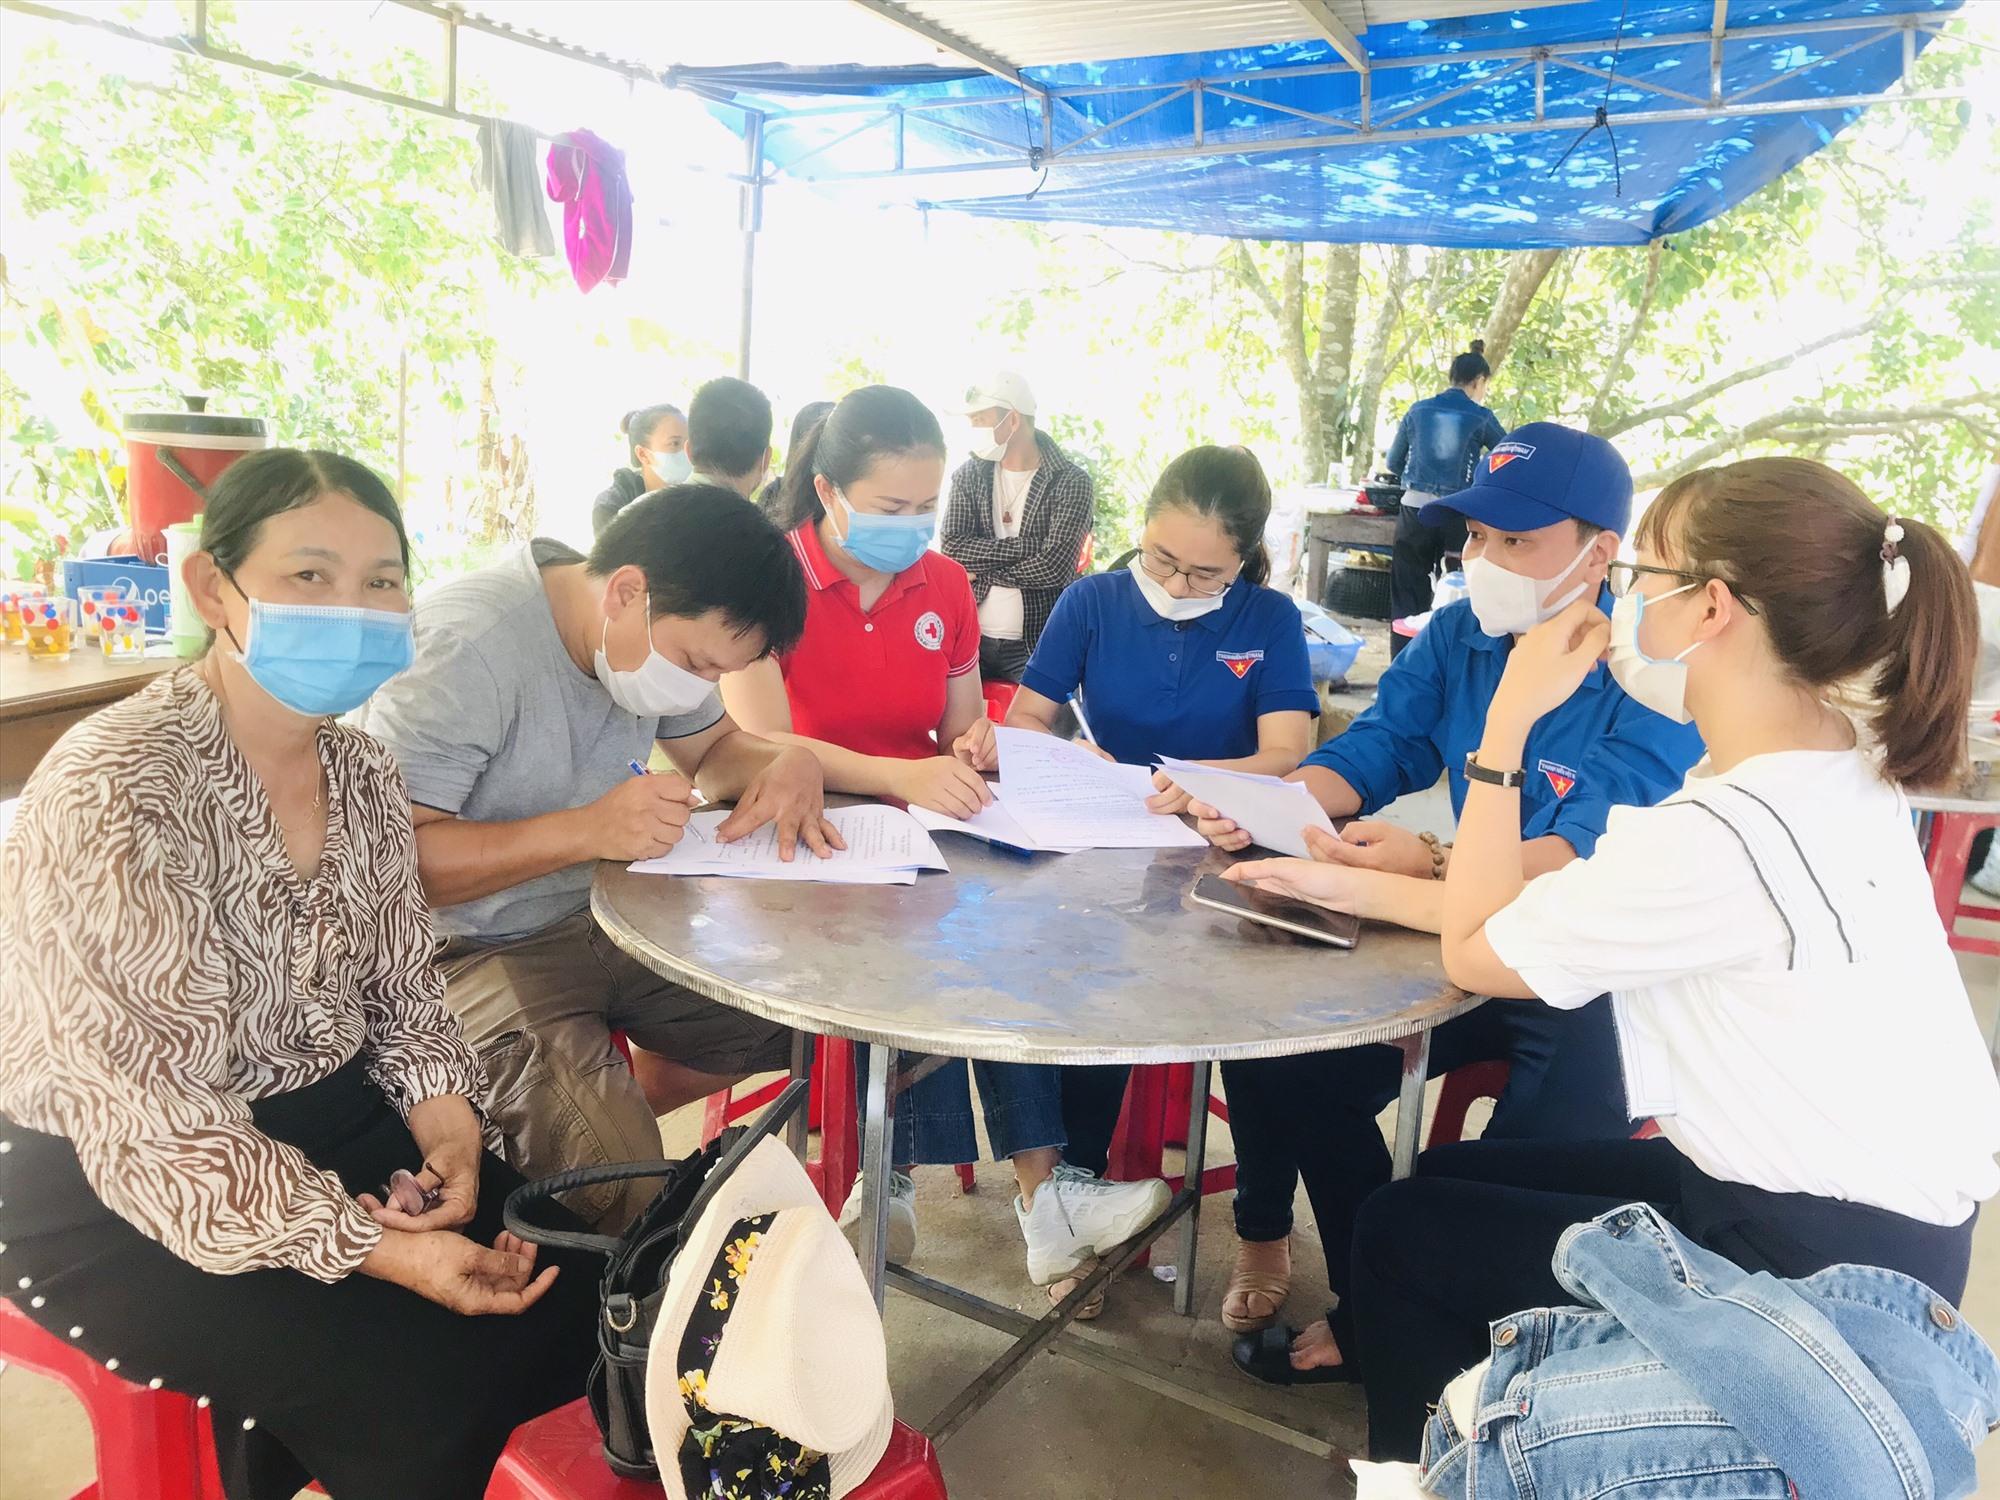 Ban Thường vụ Đoàn phường Tân Thạnh làm thủ tục bàn giao tiền hỗ trợ 3 trẻ mô cồi cho gia đình và chính quyền địa phương. Ảnh: ĐPCC